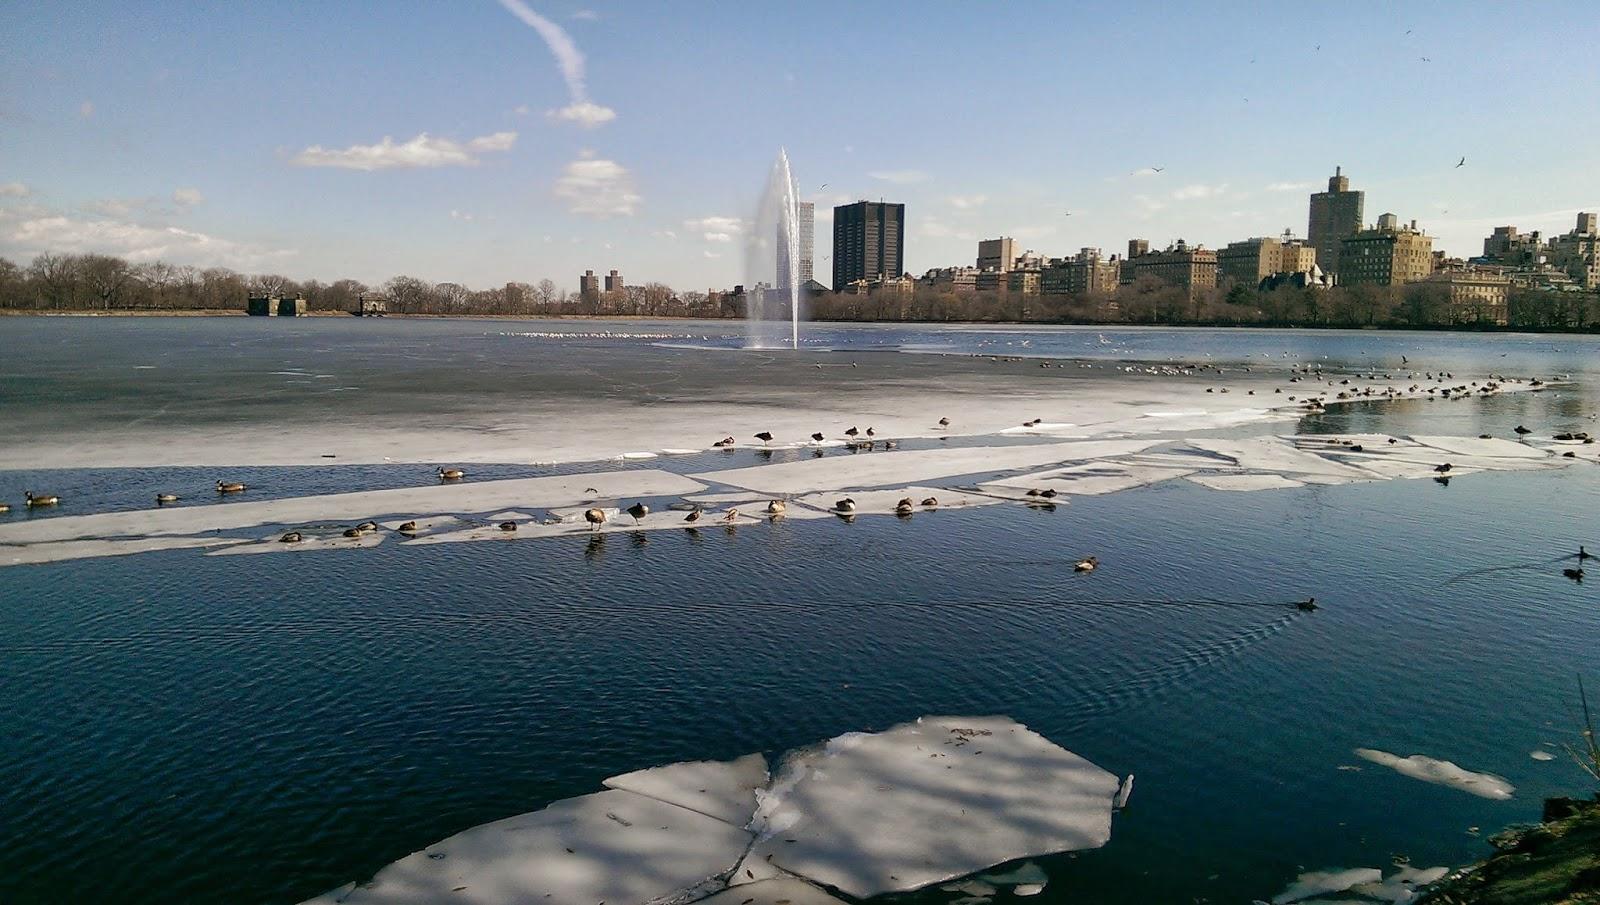 Patos sobre el hielo del Jacqueline Kennedy Onassis Reservoir